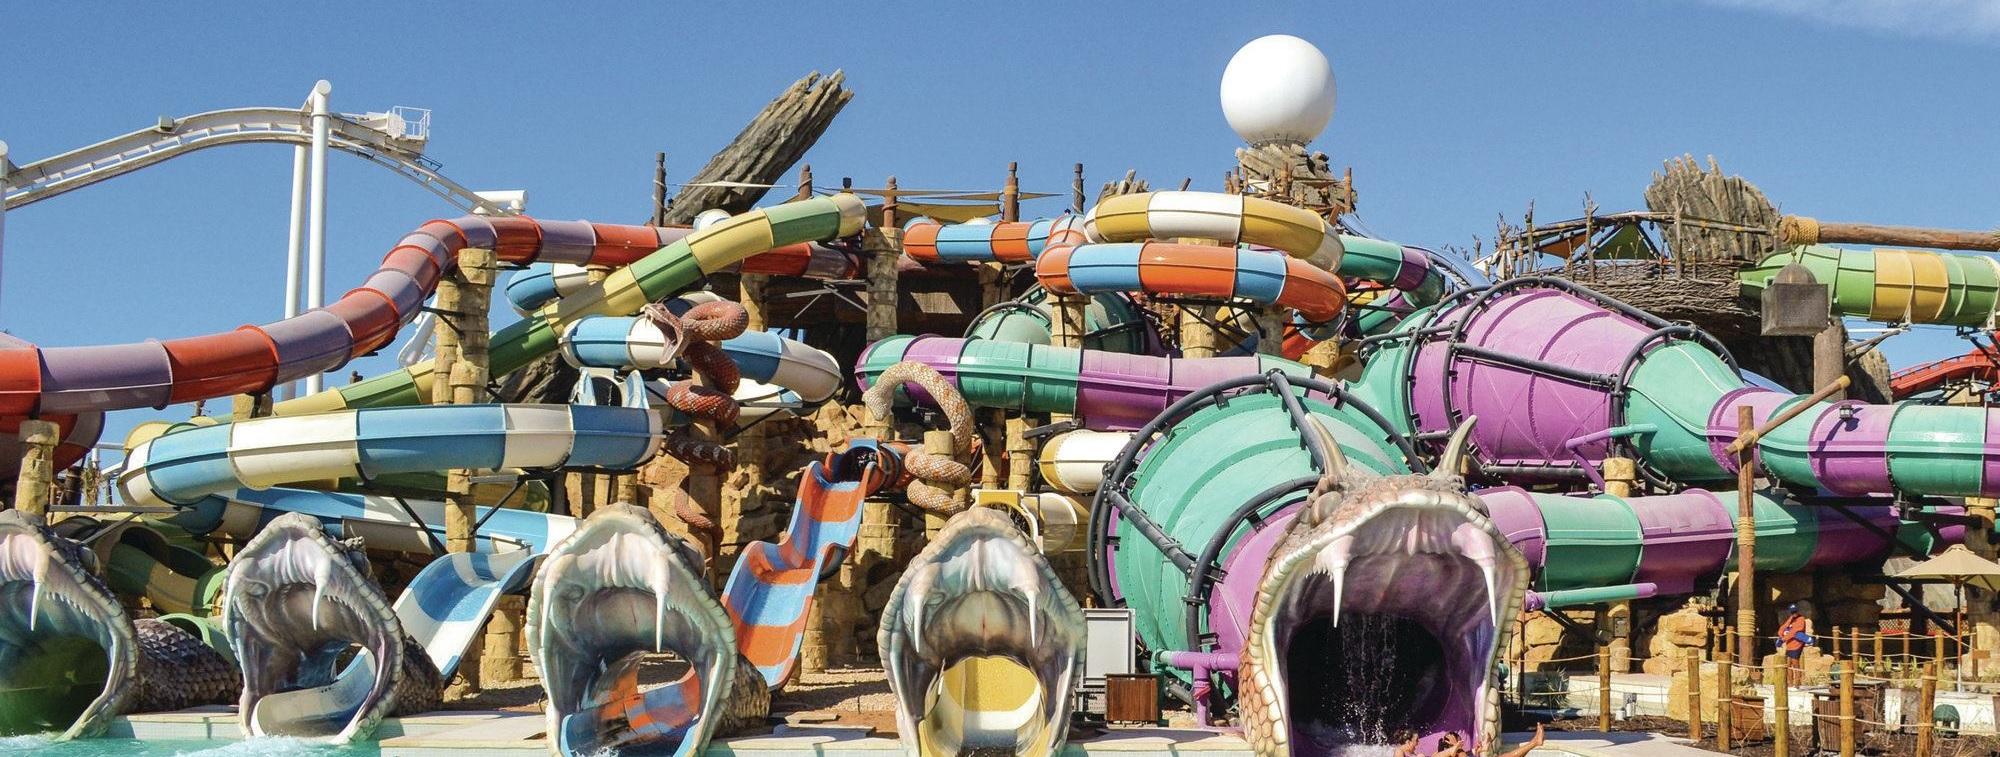 Абу-Даби: Мечеть шейха Зайда + аквапарк Yas Waterworld